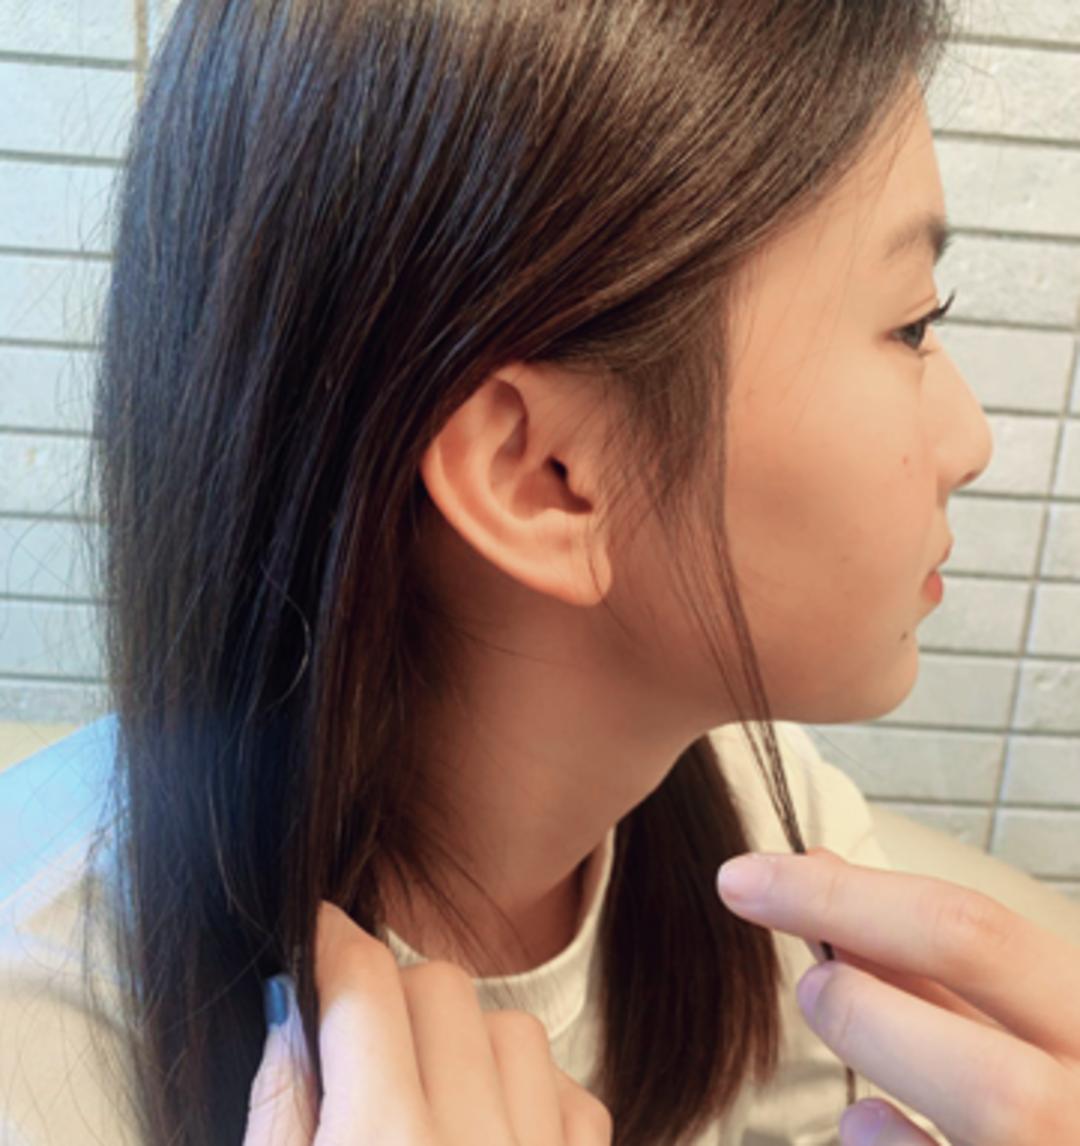 【HAIR】サイドピンのストレートで顔を明るく&清楚